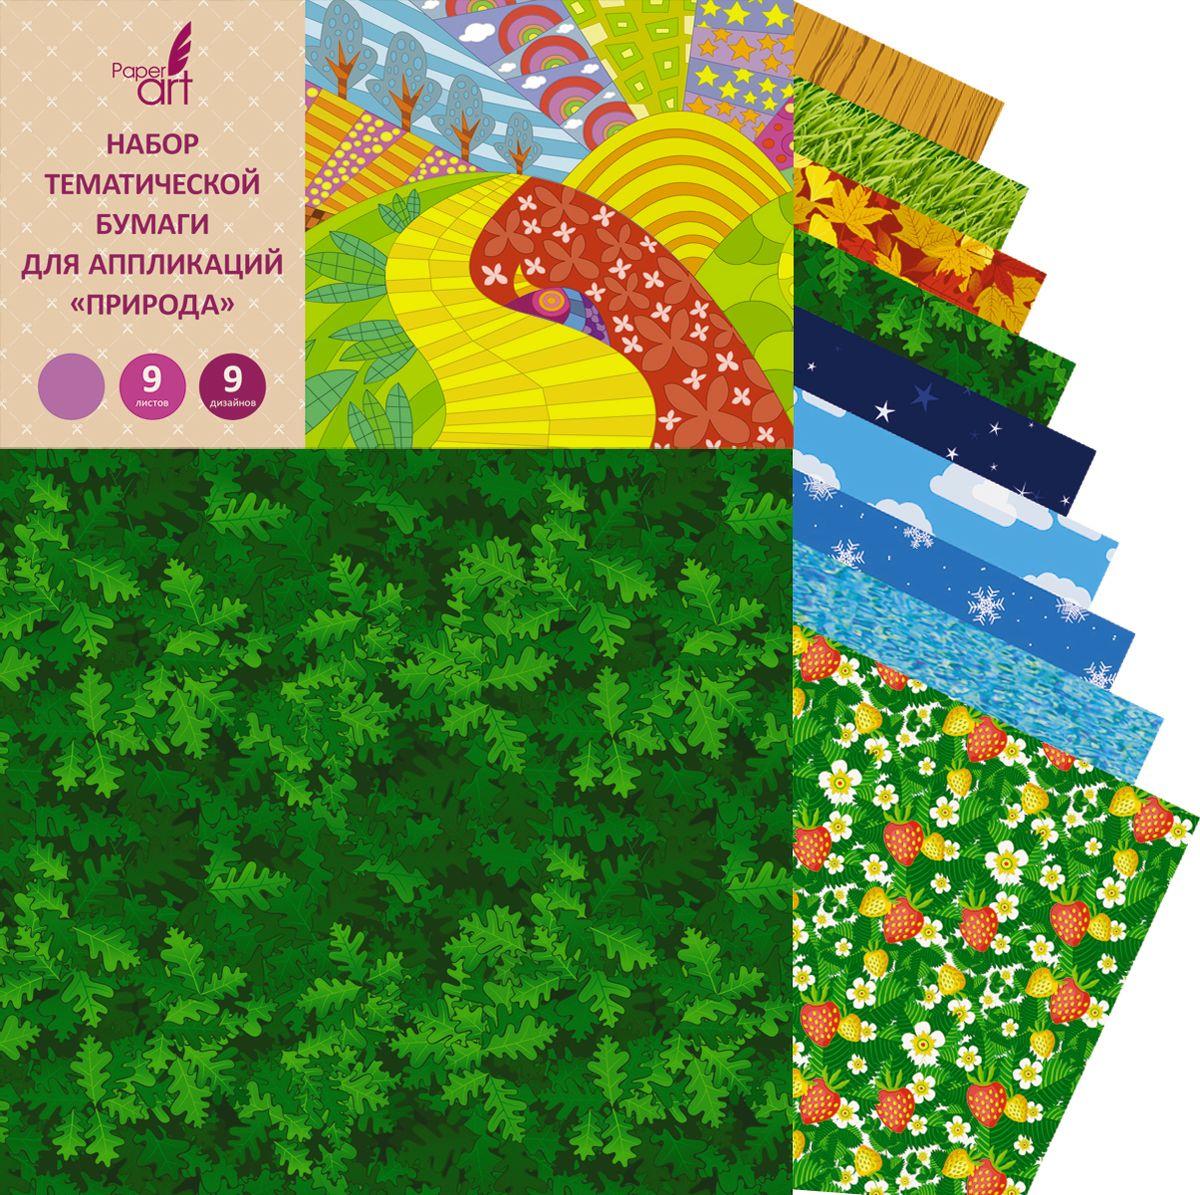 Канц-Эксмо Набор тематической бумаги для аппликаций Paper Art Природа 9 листов 9 дизайнов